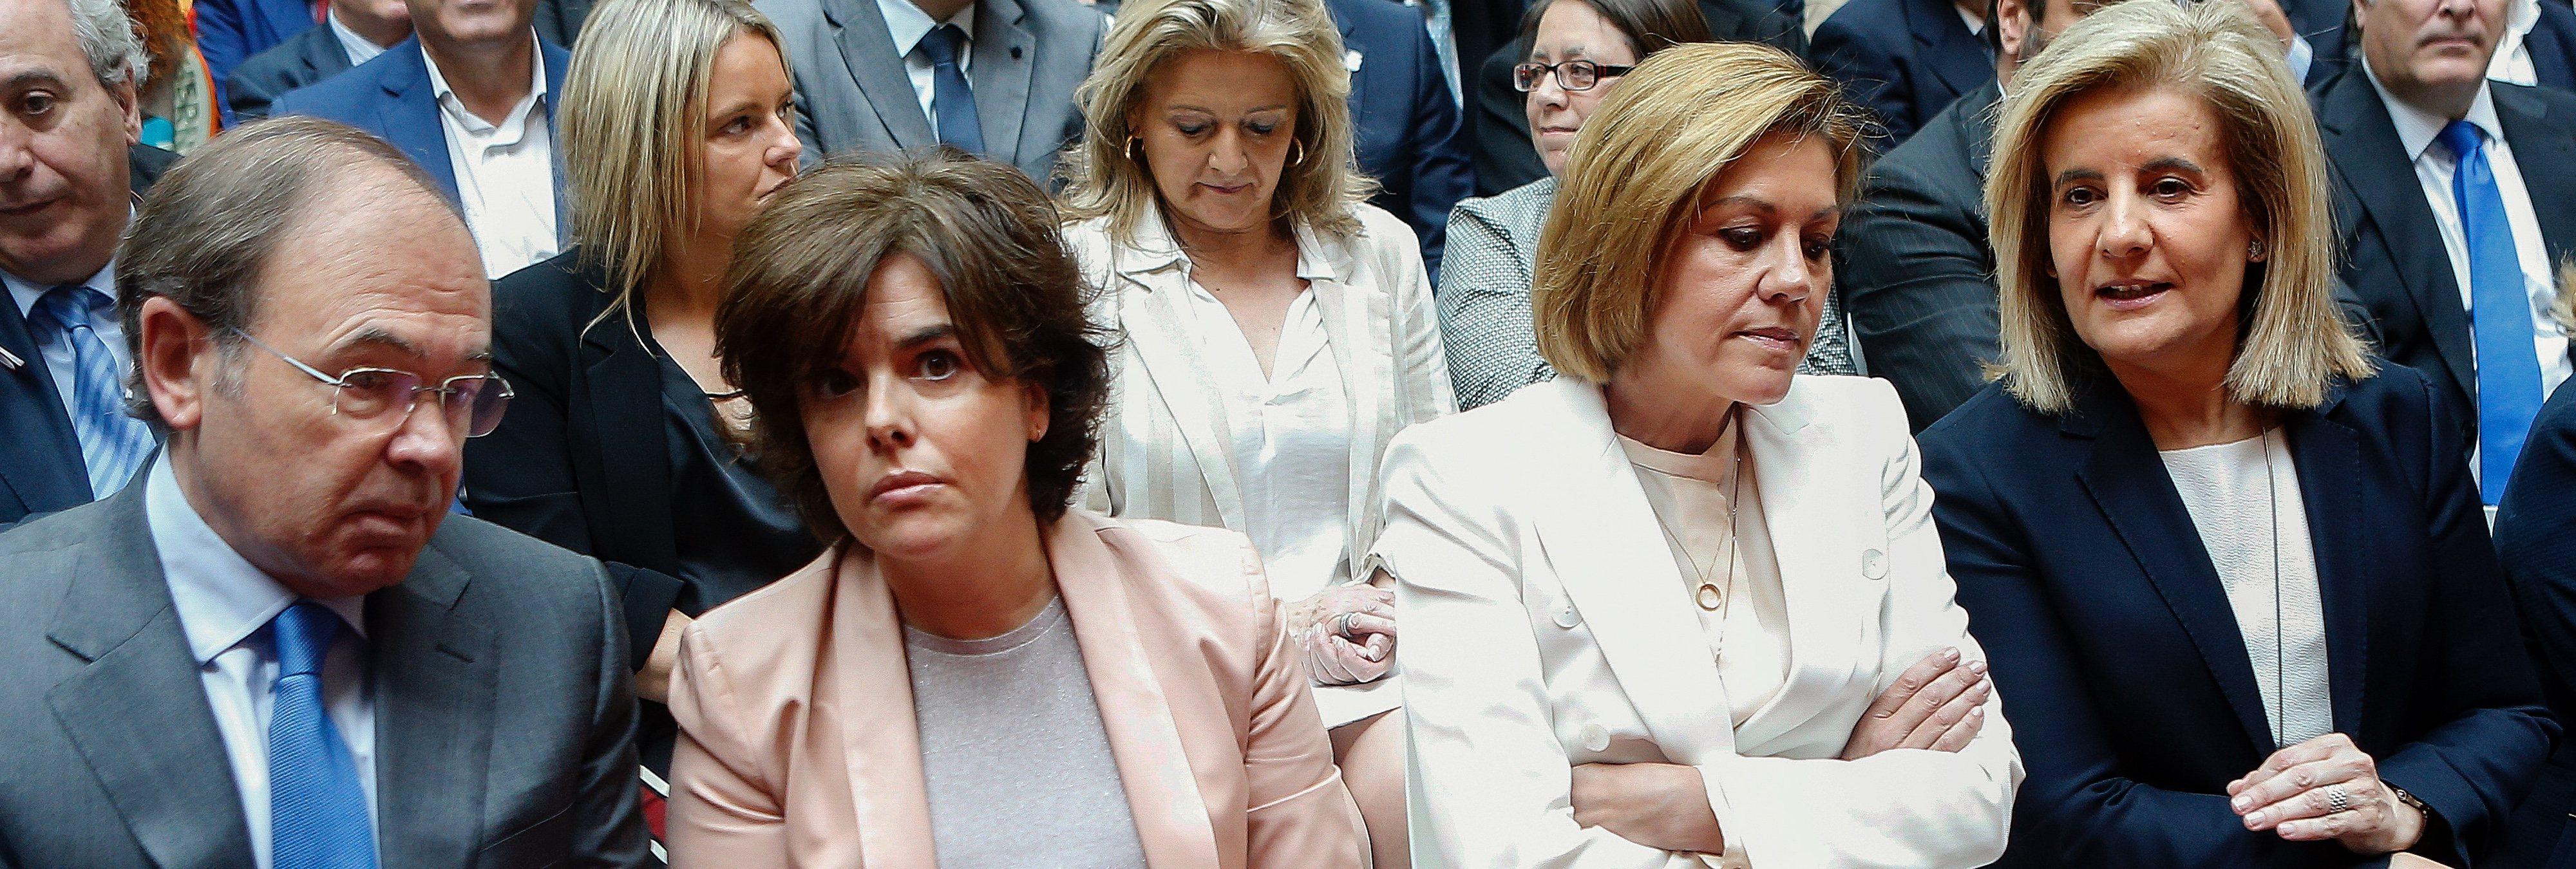 """El comisario Villarejo: """"Cospedal me llamó por su pelea a muerte con la pequeñita"""""""